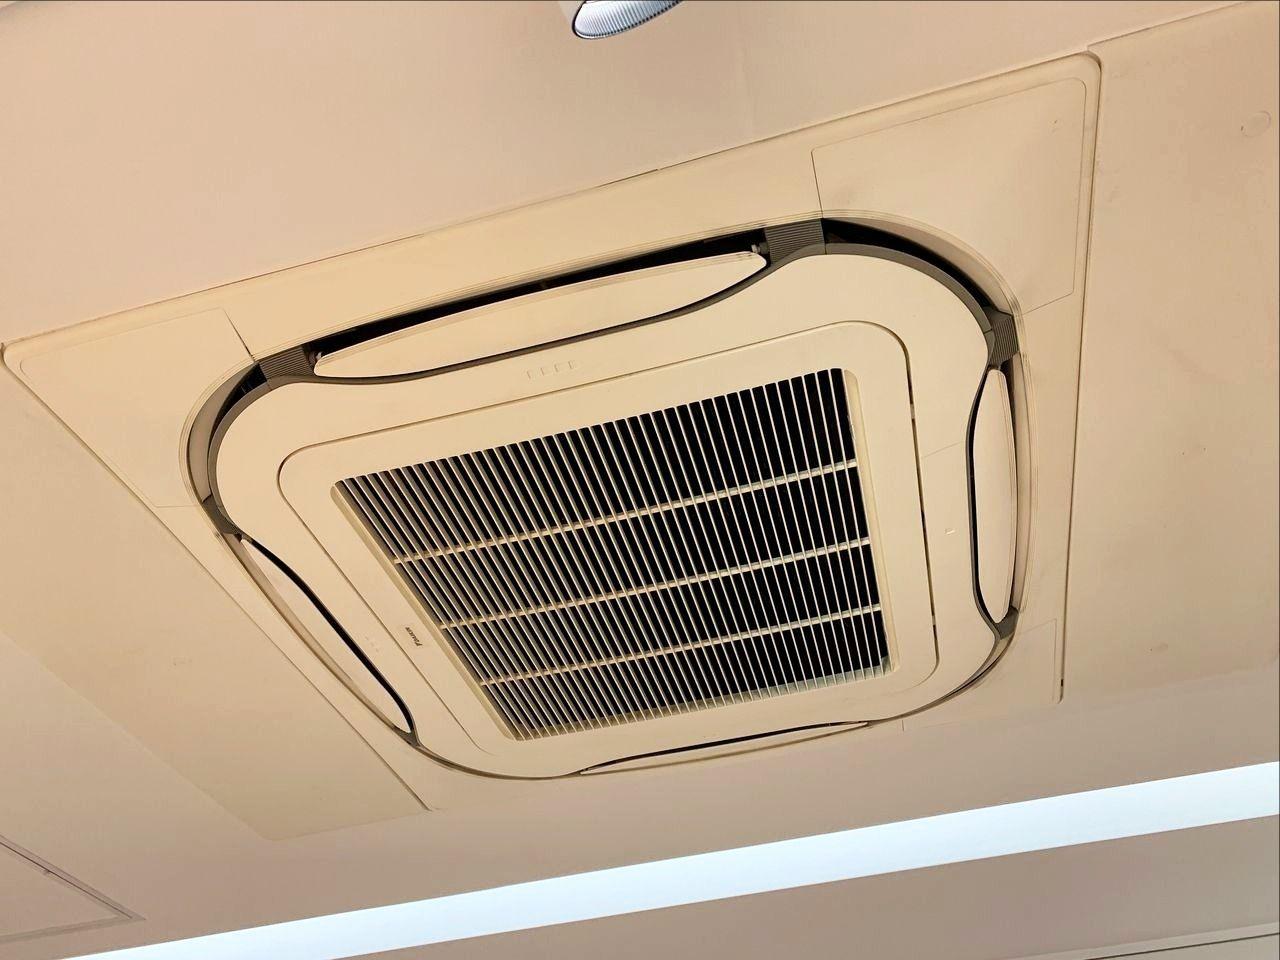 ア・ス・ヴェルデホール内のエアコンフィルターを清掃しました!